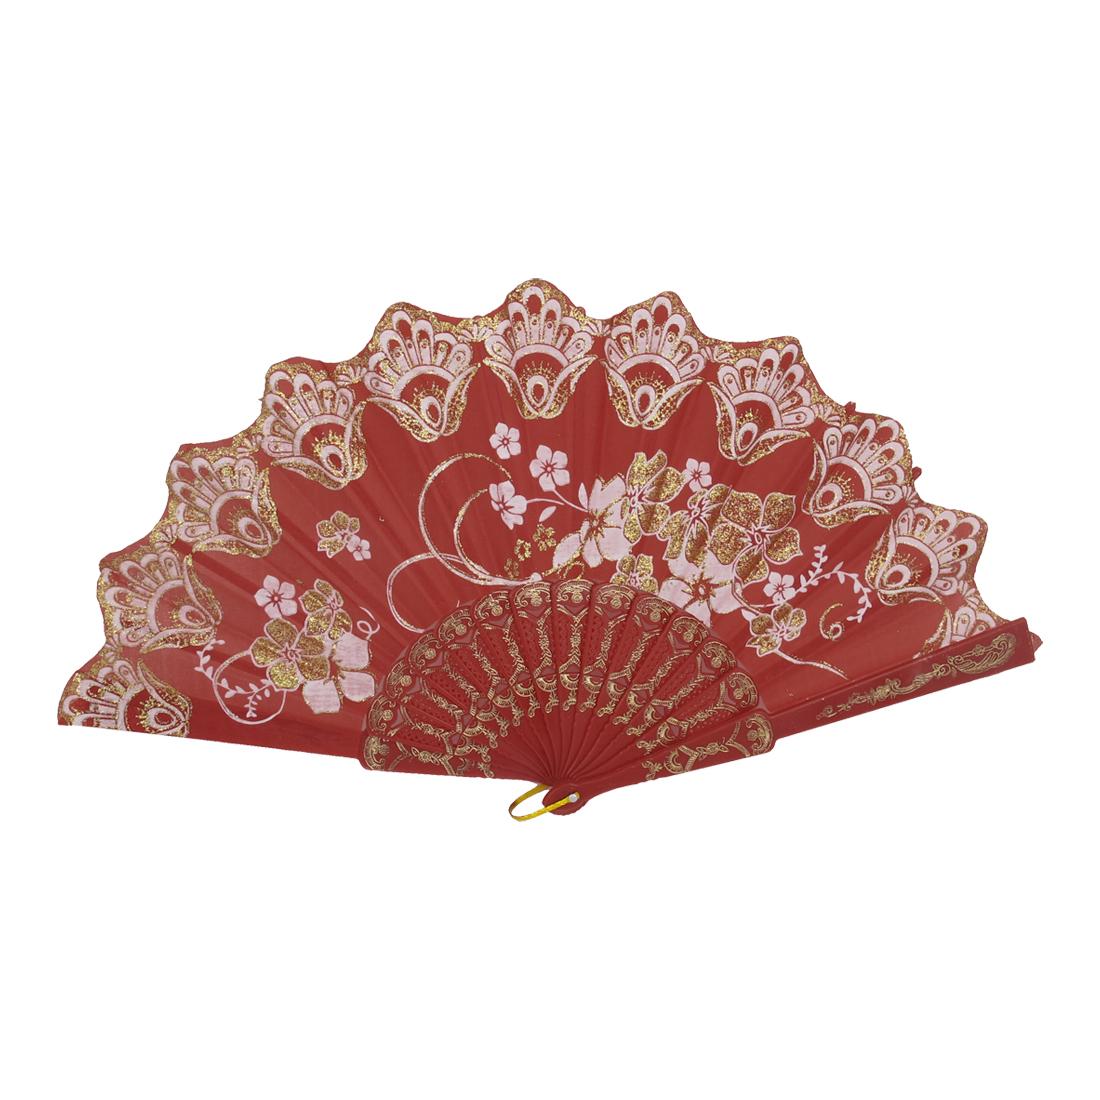 Women Carved Ribs Glittery Powder Decor Flower Pattern Folding Hand Fan Red